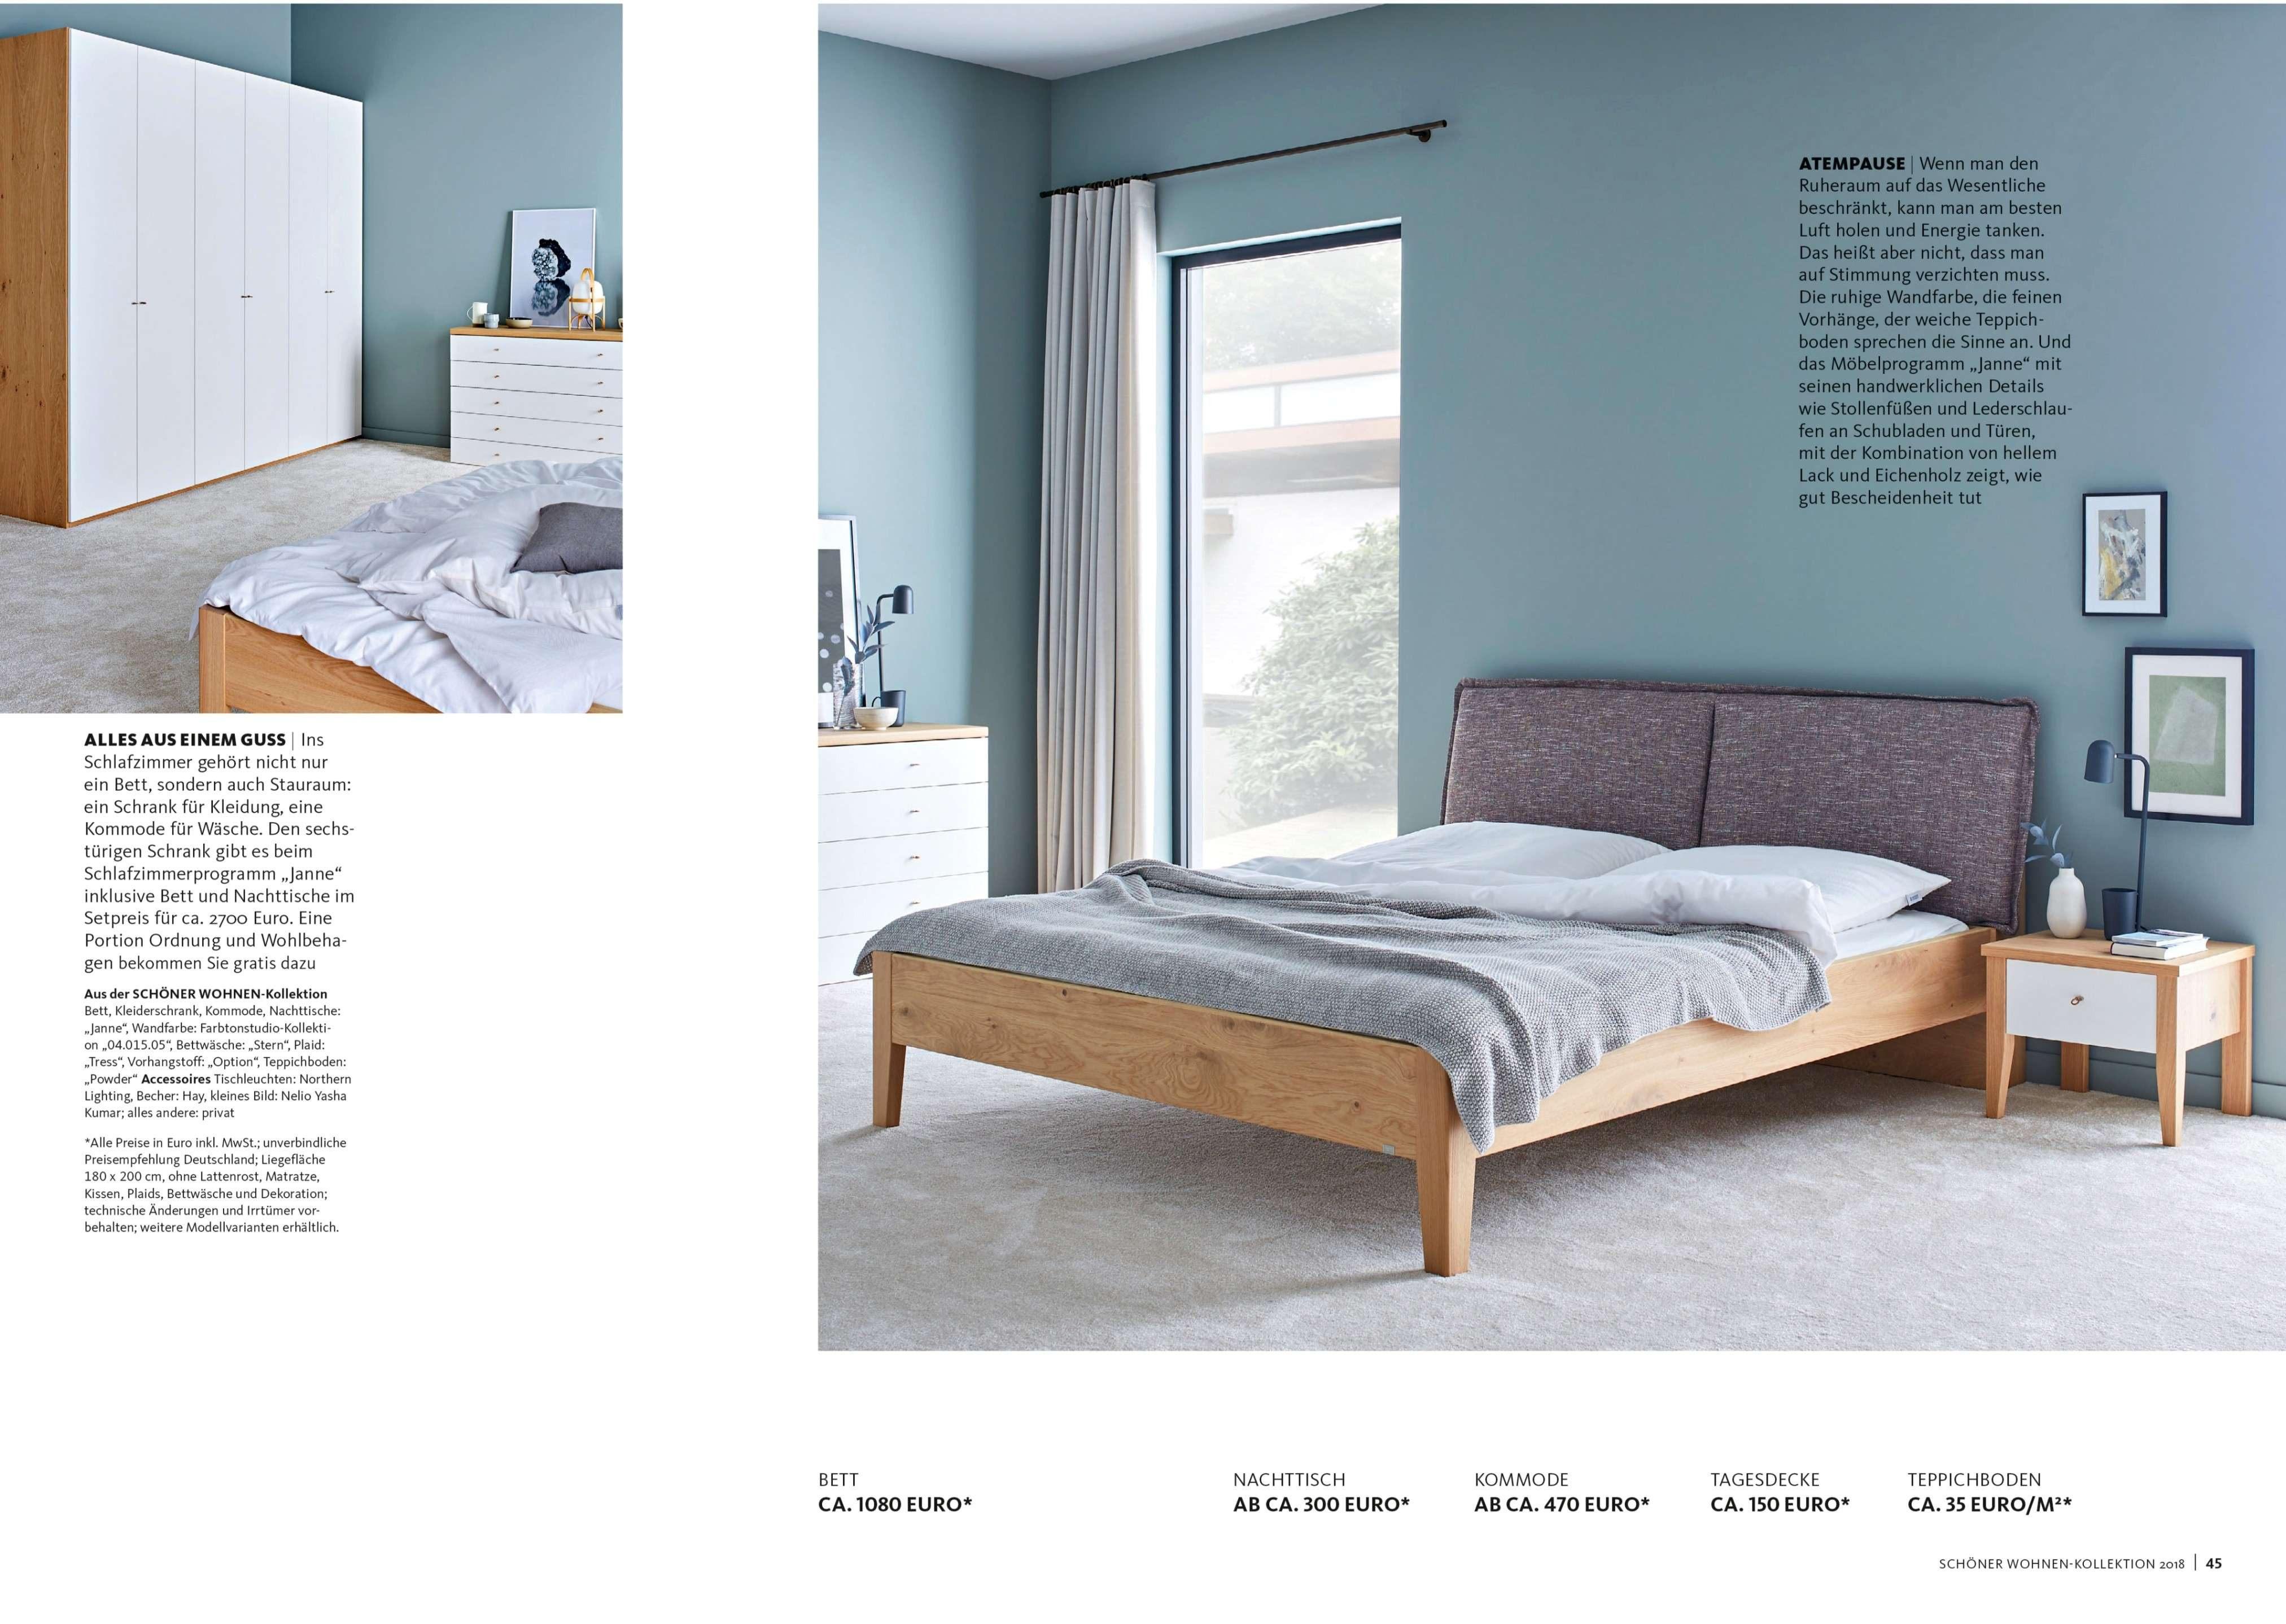 Cadre Lit 160×200 Luxe Lit Design Led 160—200 Bett 160 Wunderschönen Bett 140—200 Mit Led